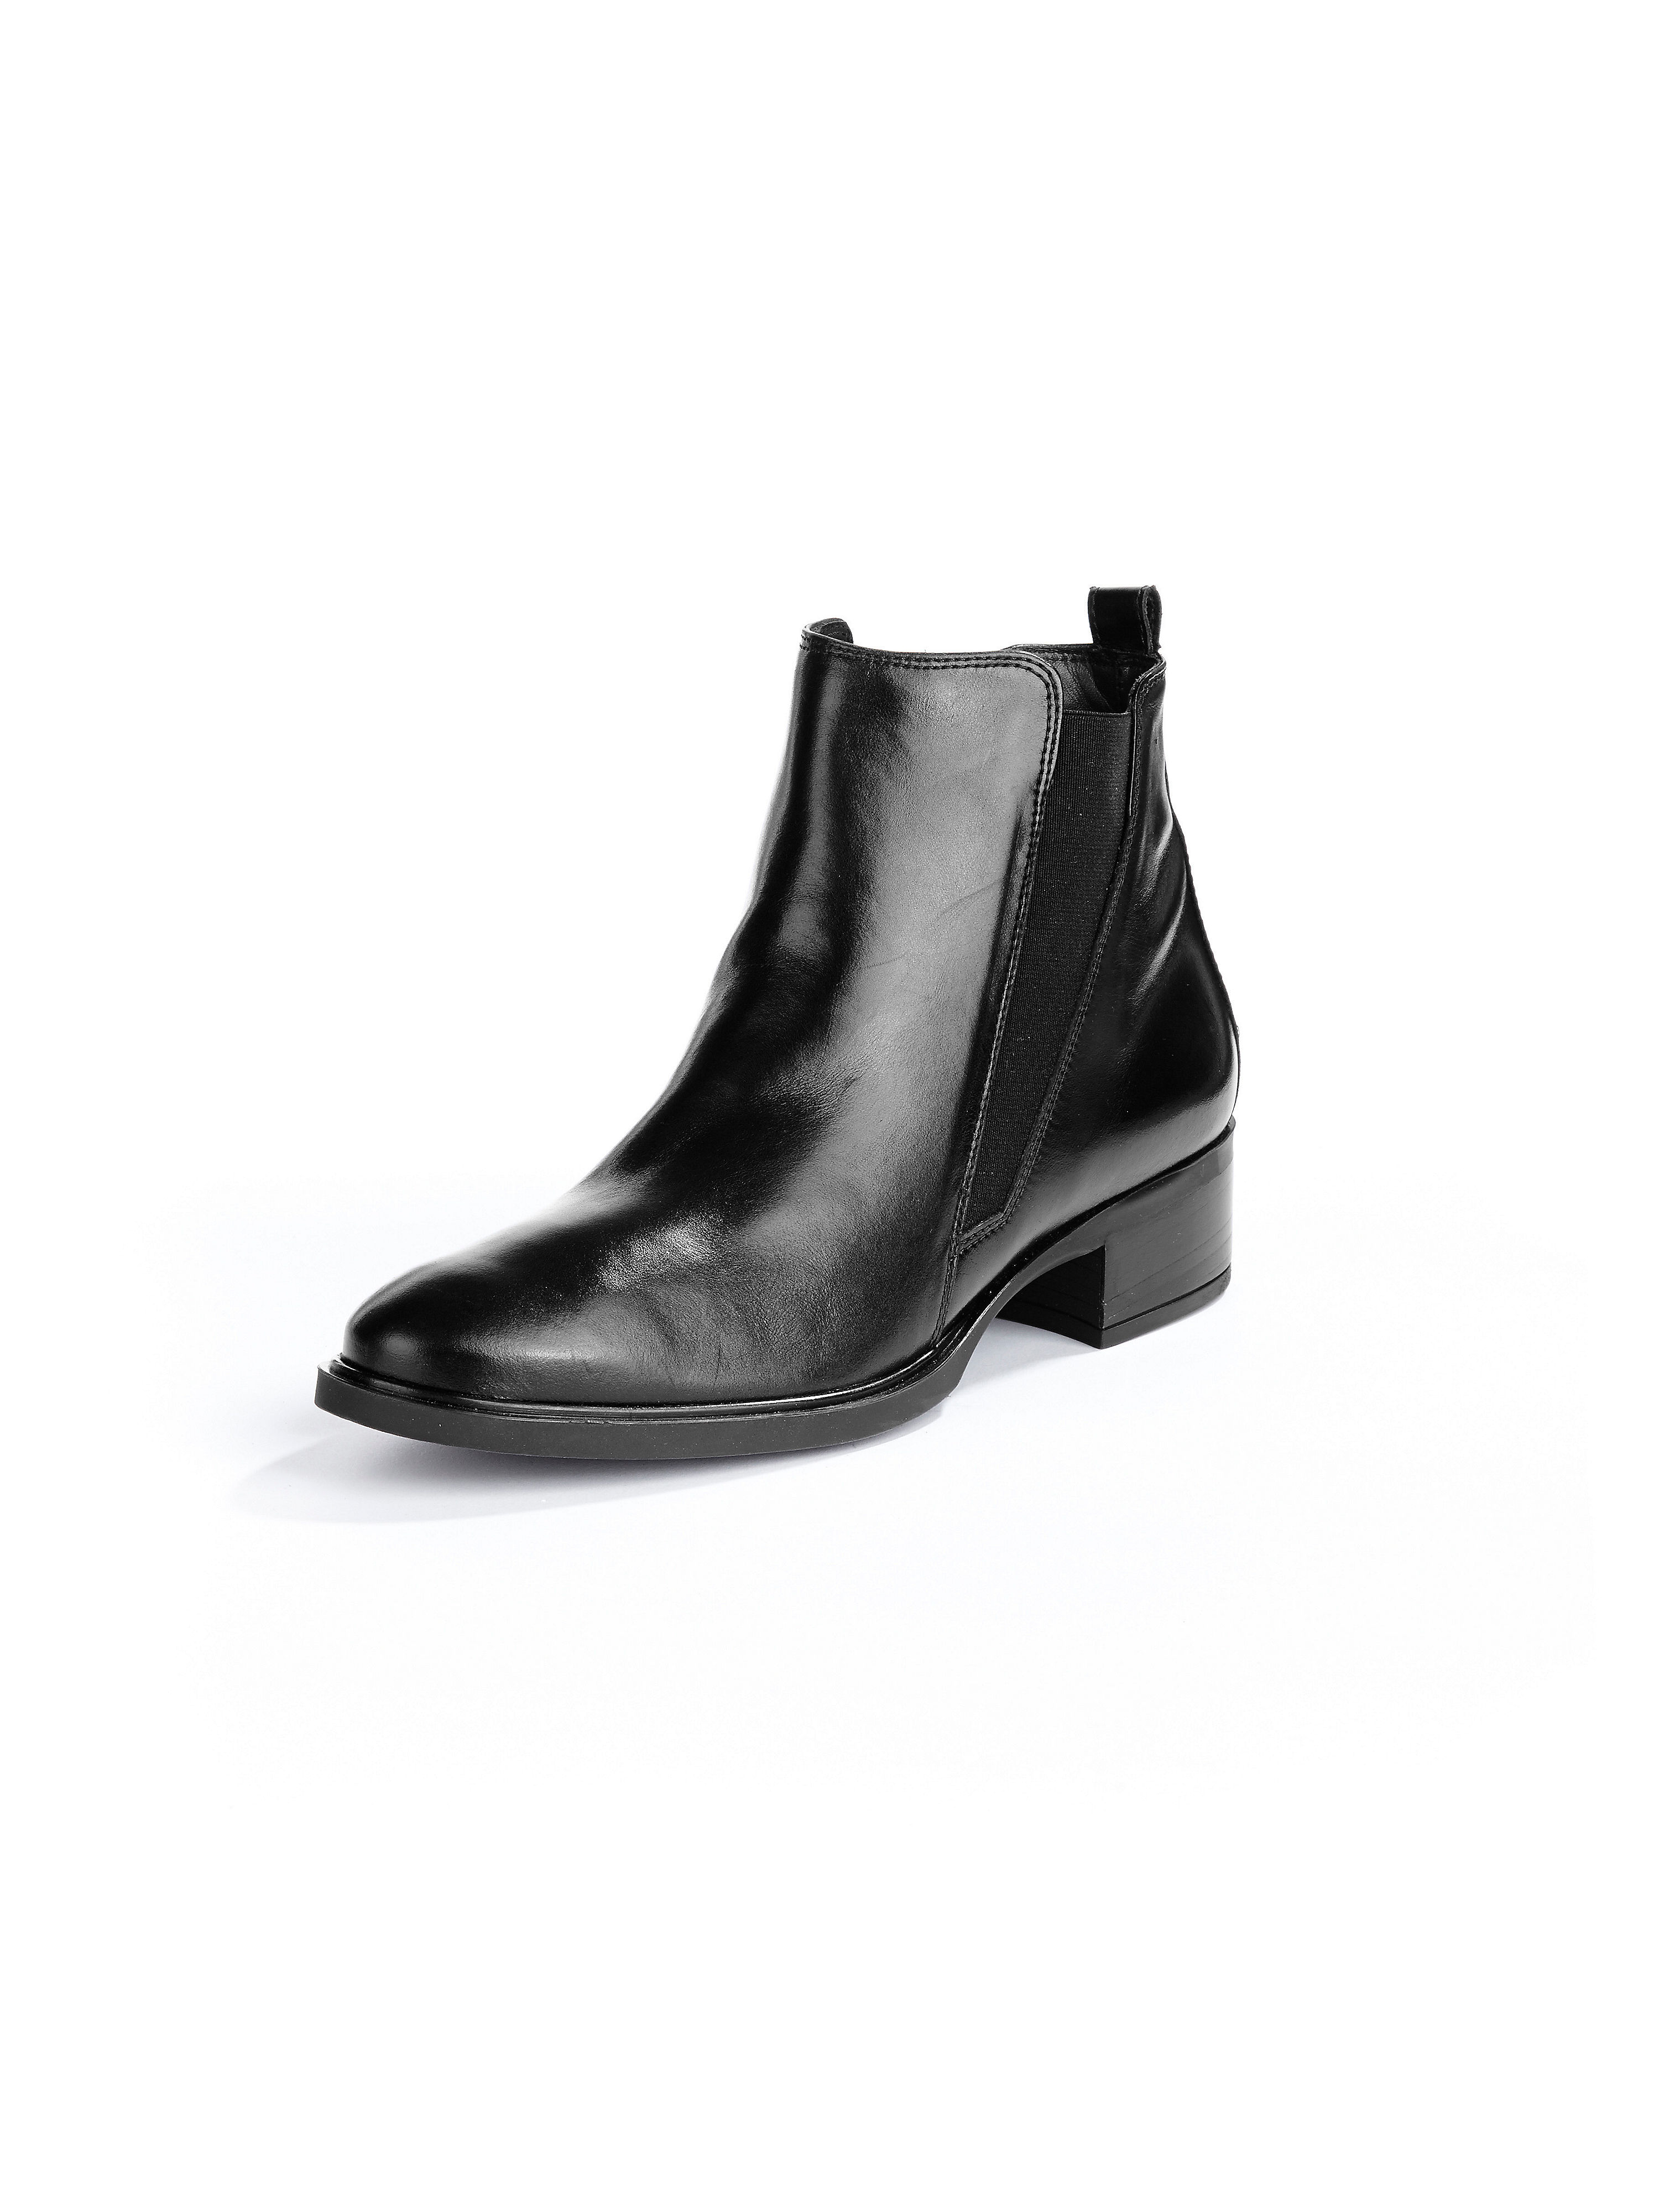 Chelsea-Boot Paul Green schwarz 380196